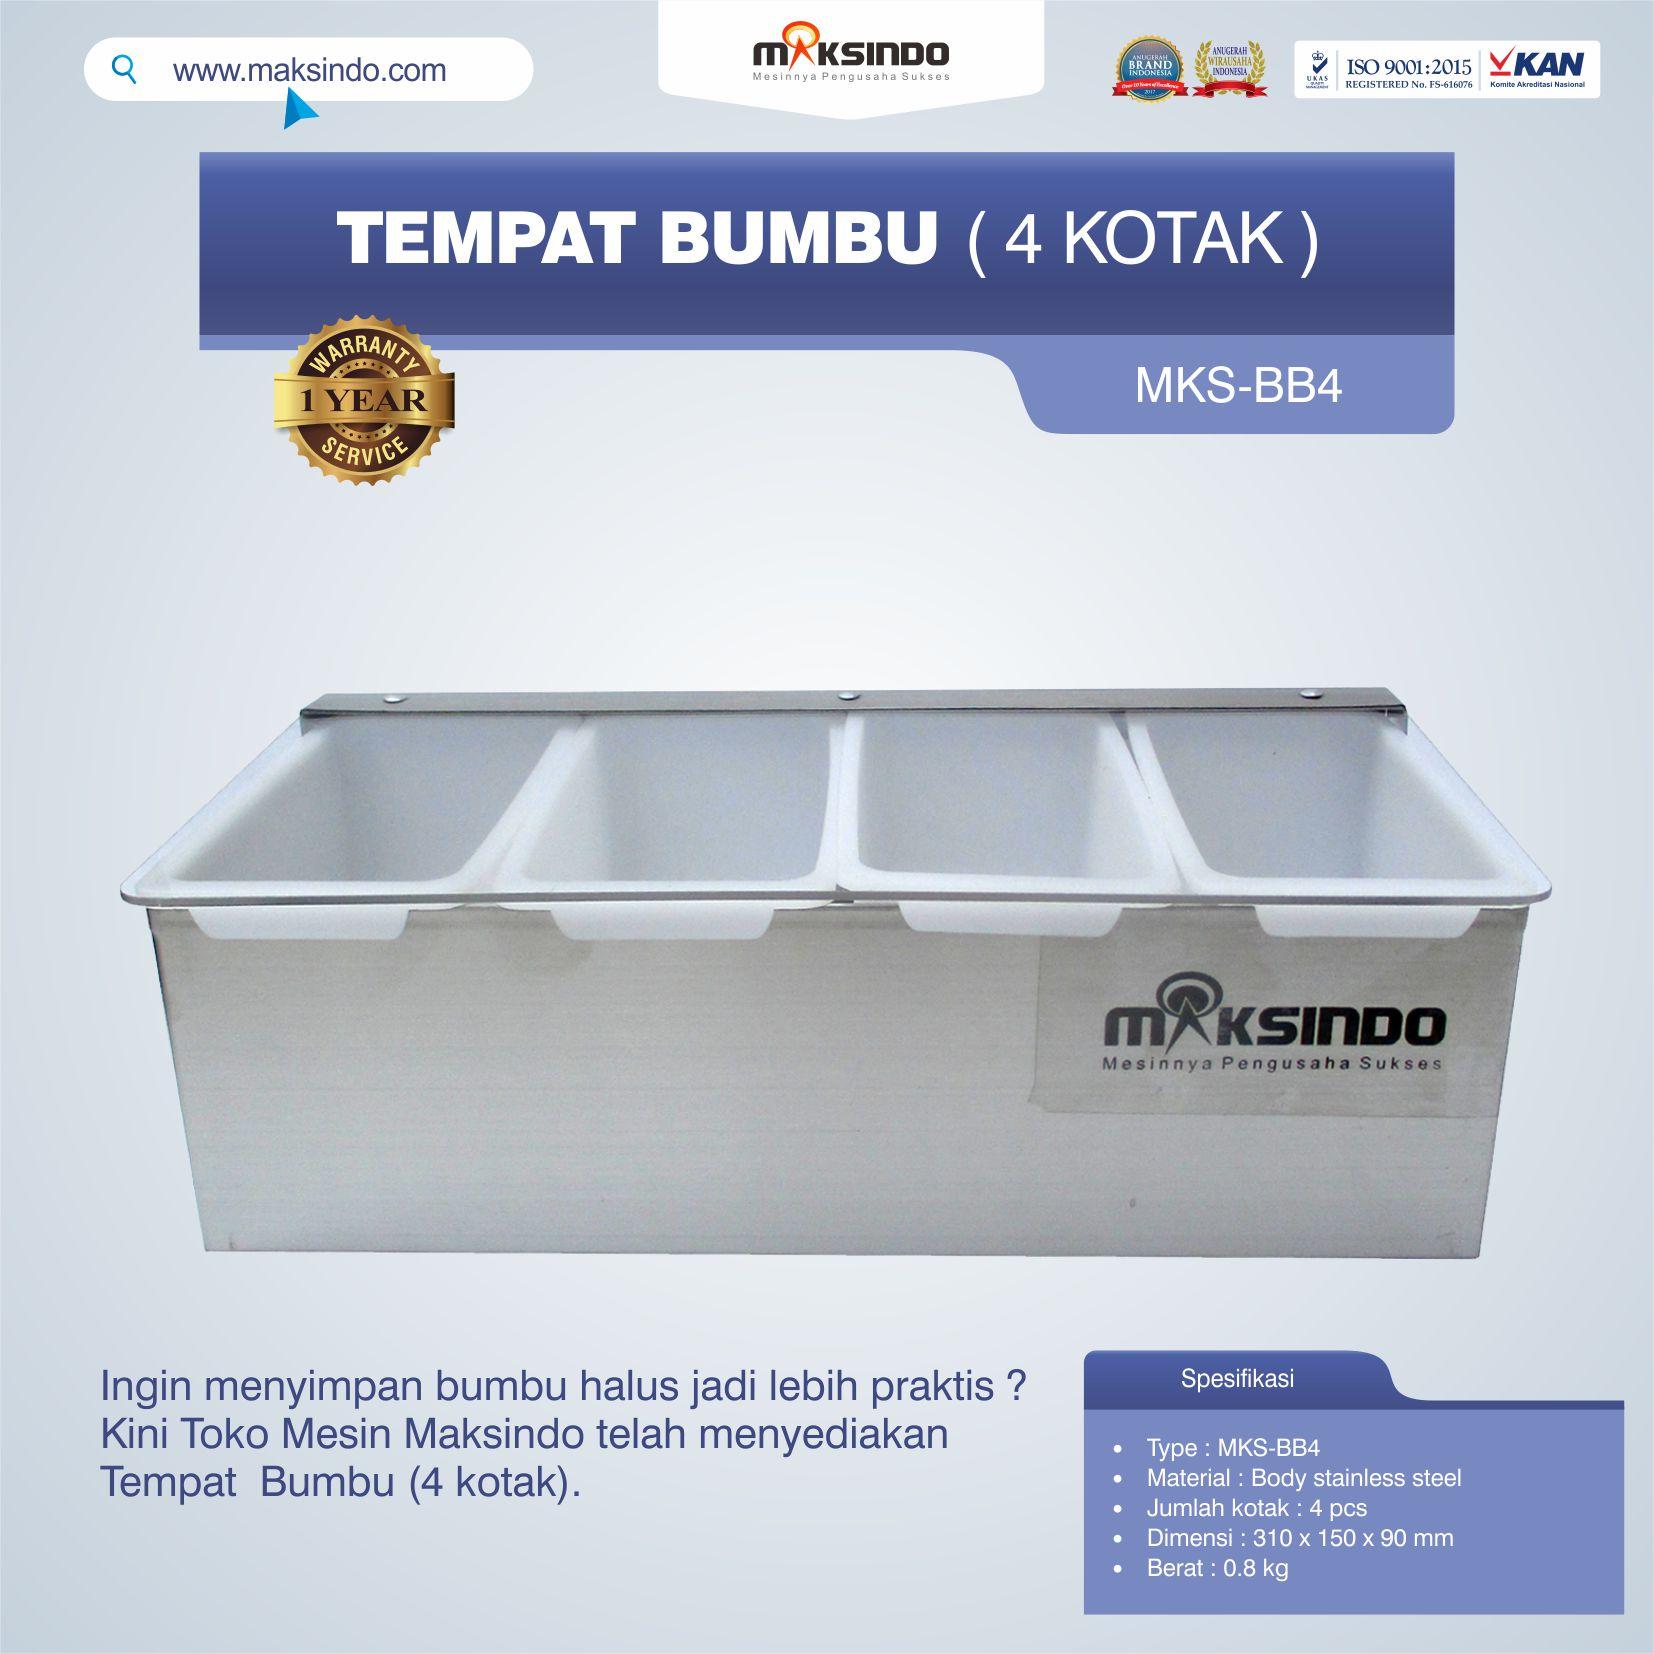 Jual Tempat Bumbu (4 kotak) di Tangerang